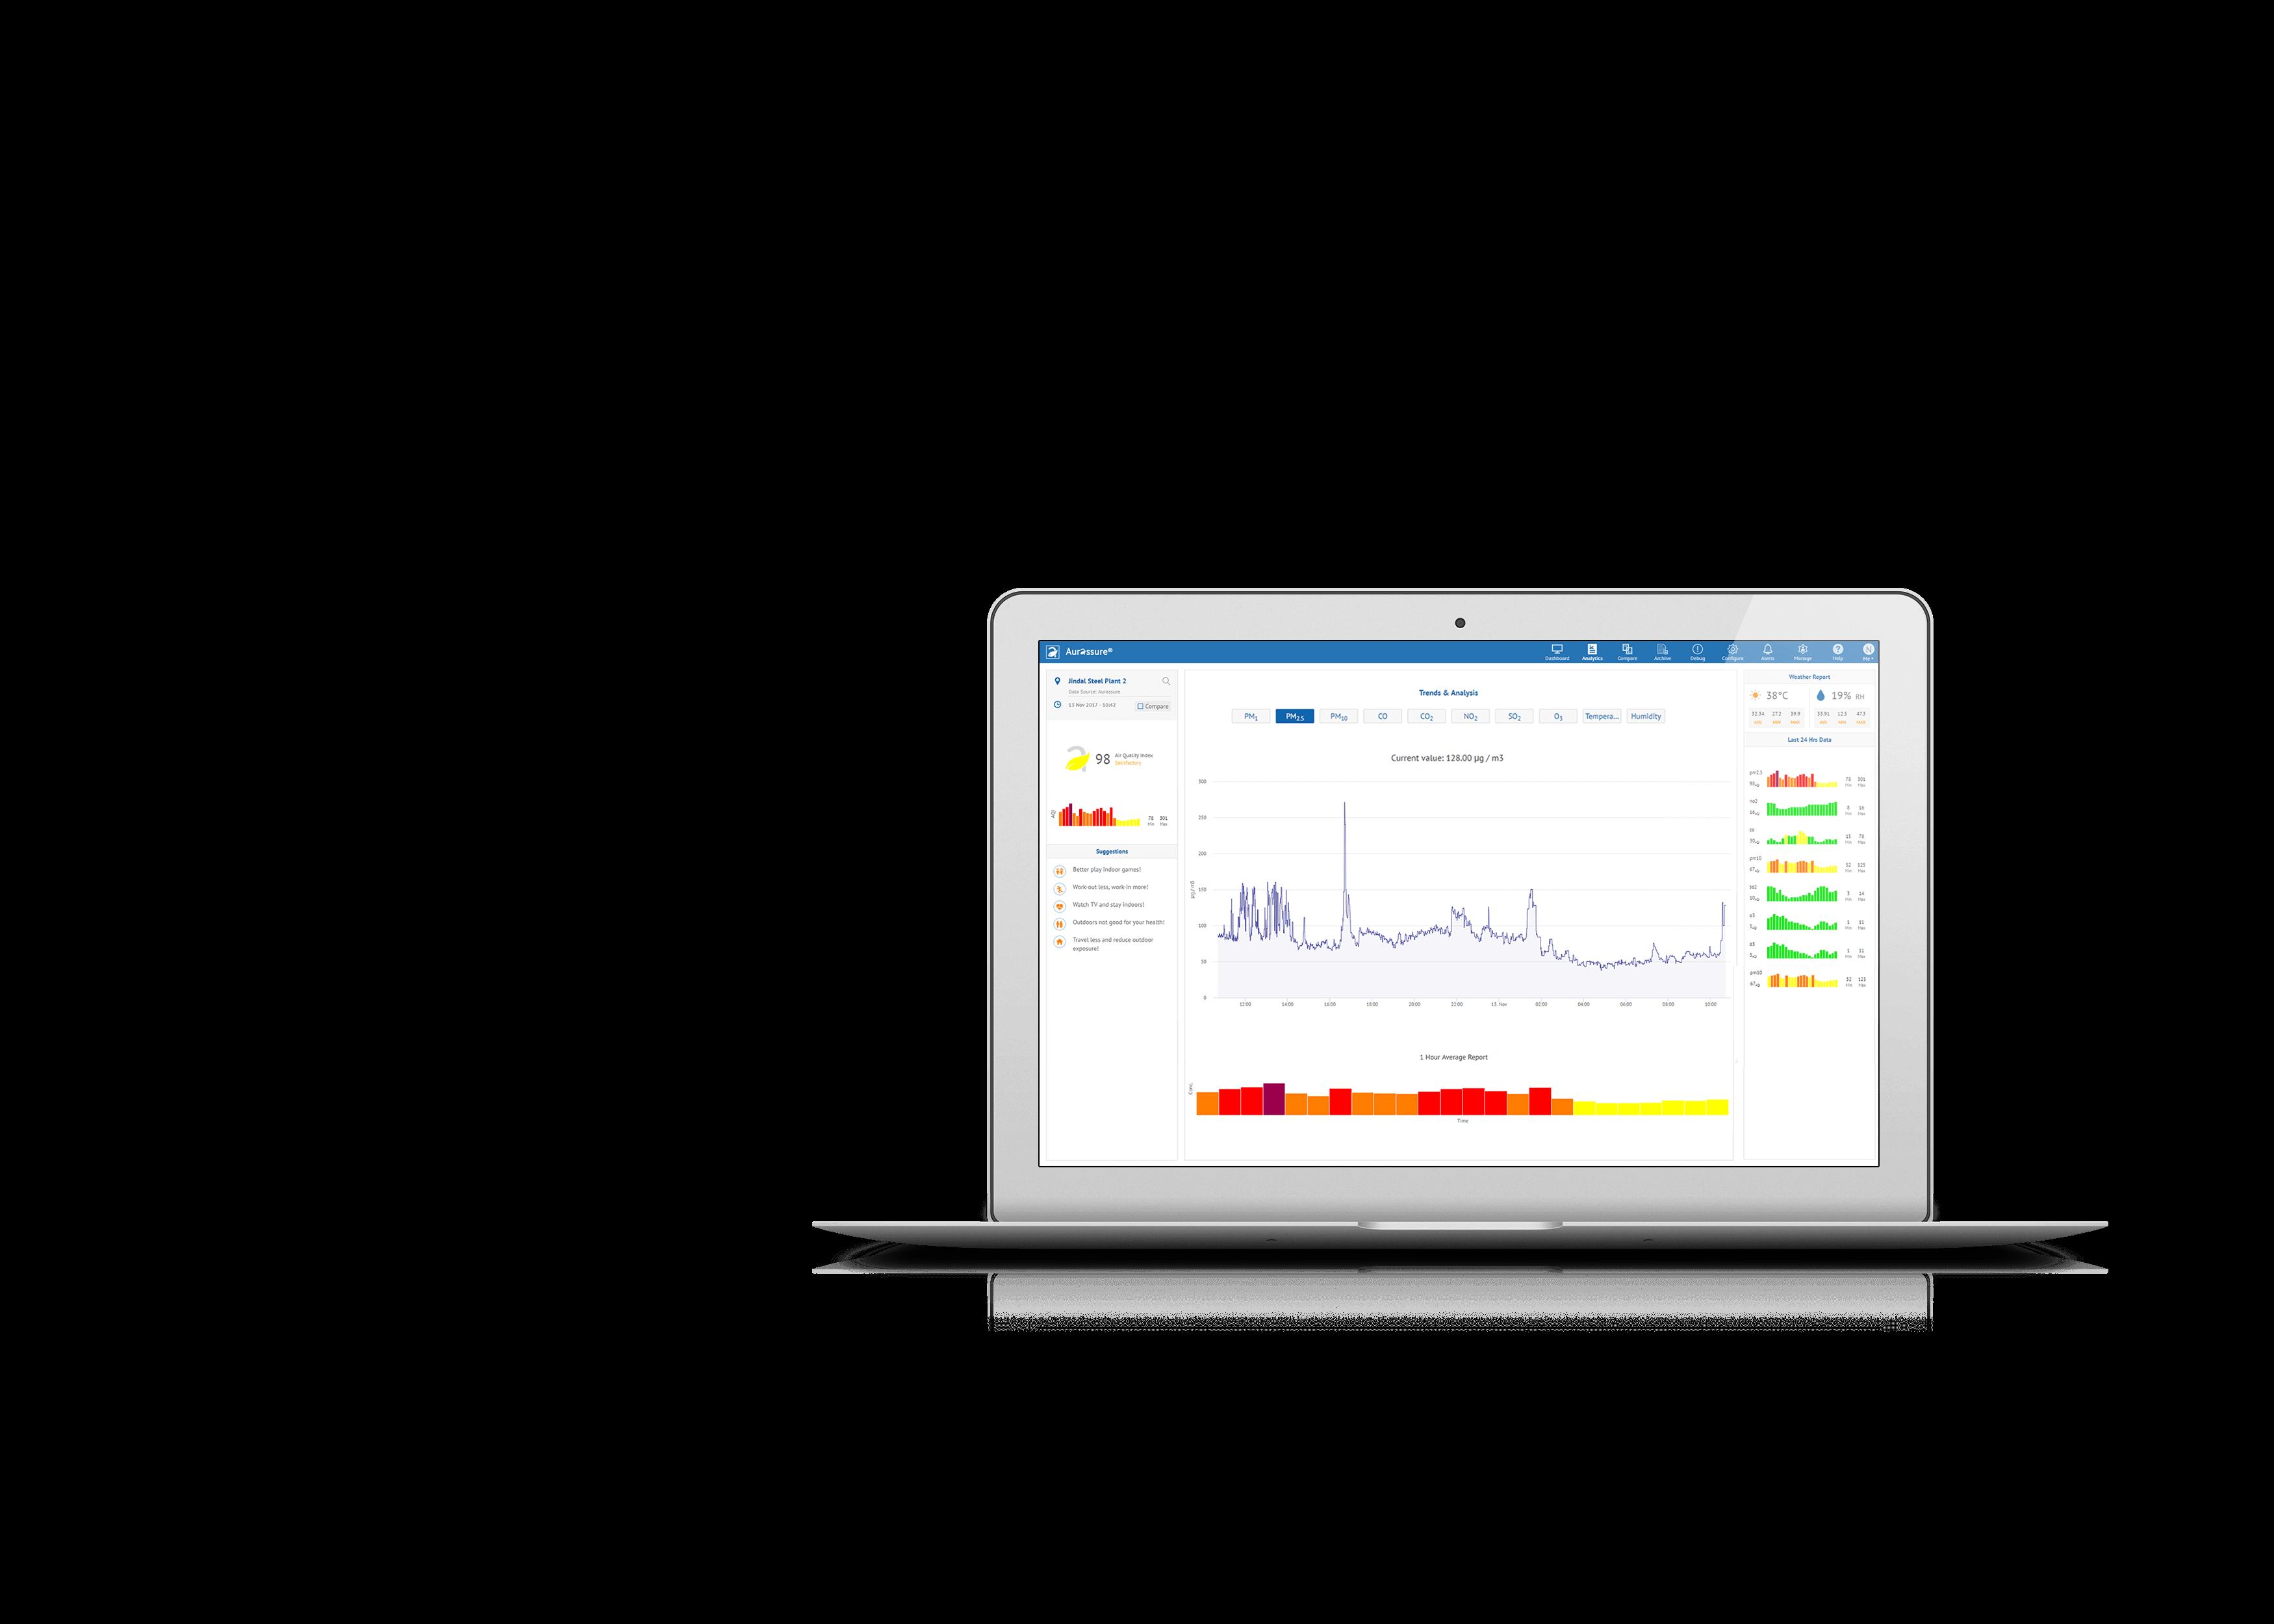 Laptop with aurassure webapp